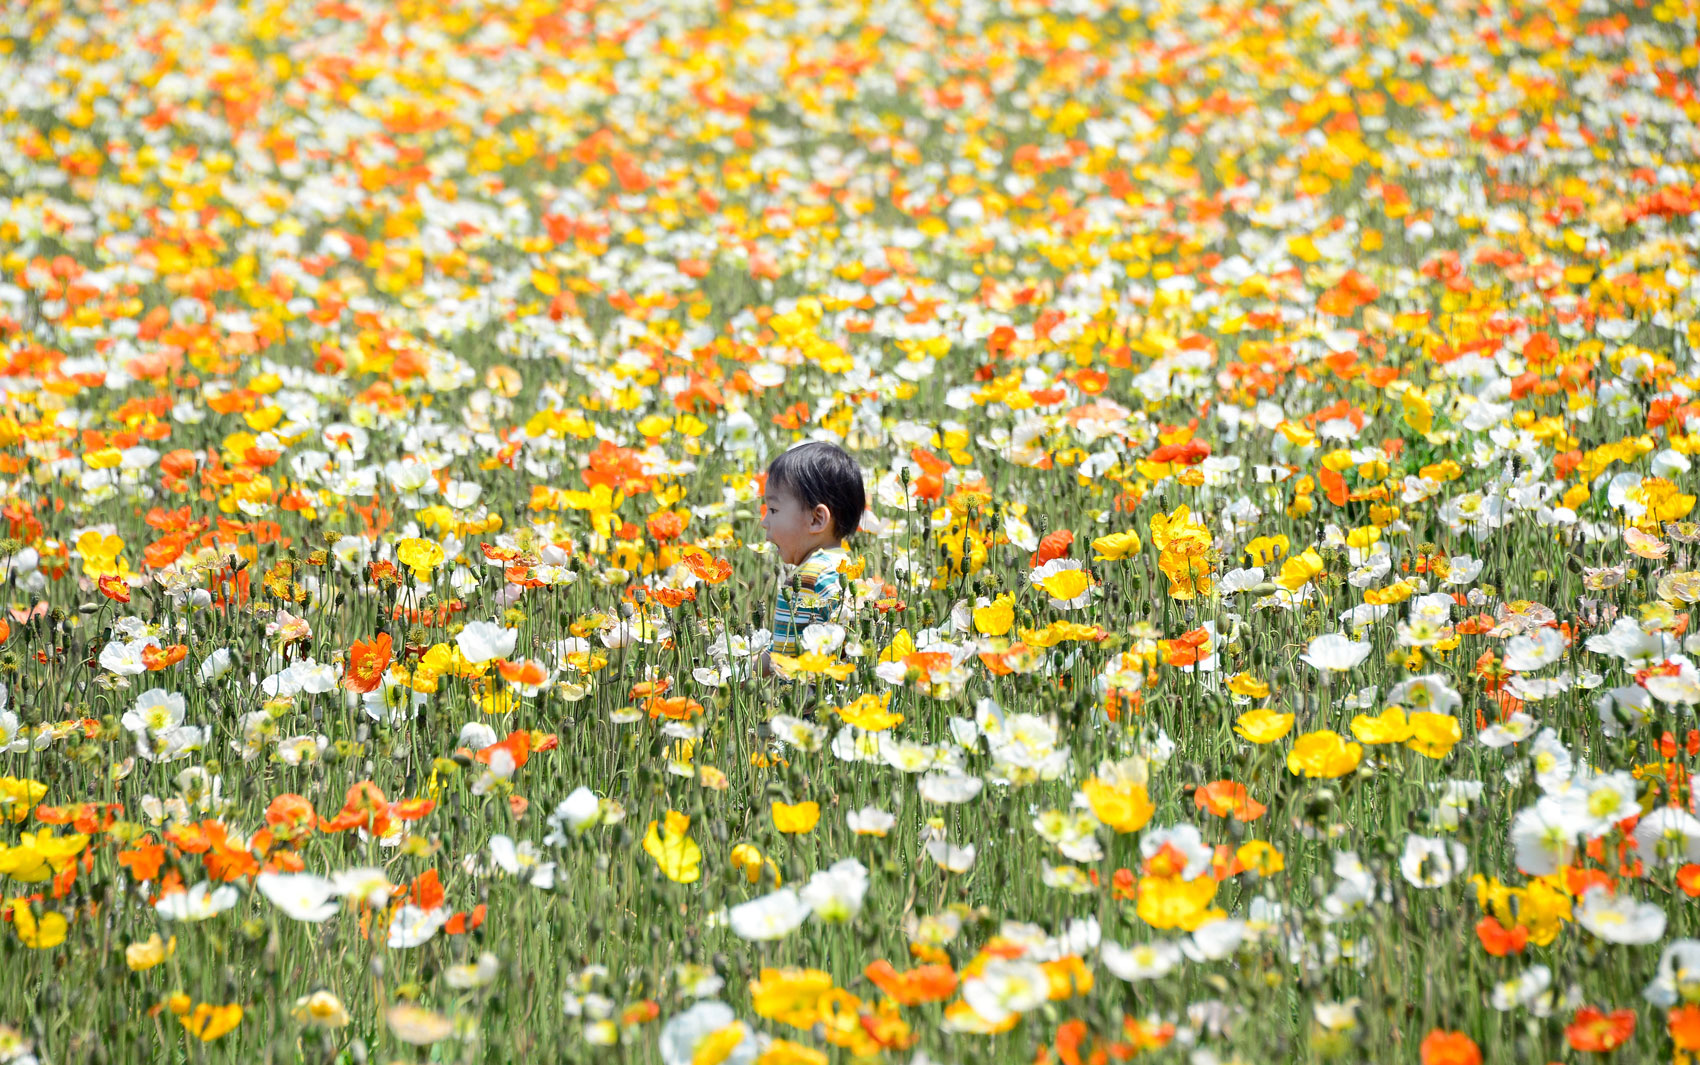 imagens jardim florido:Imagens do dia – 6 de maio de 2013 – fotos em Fotos – g1